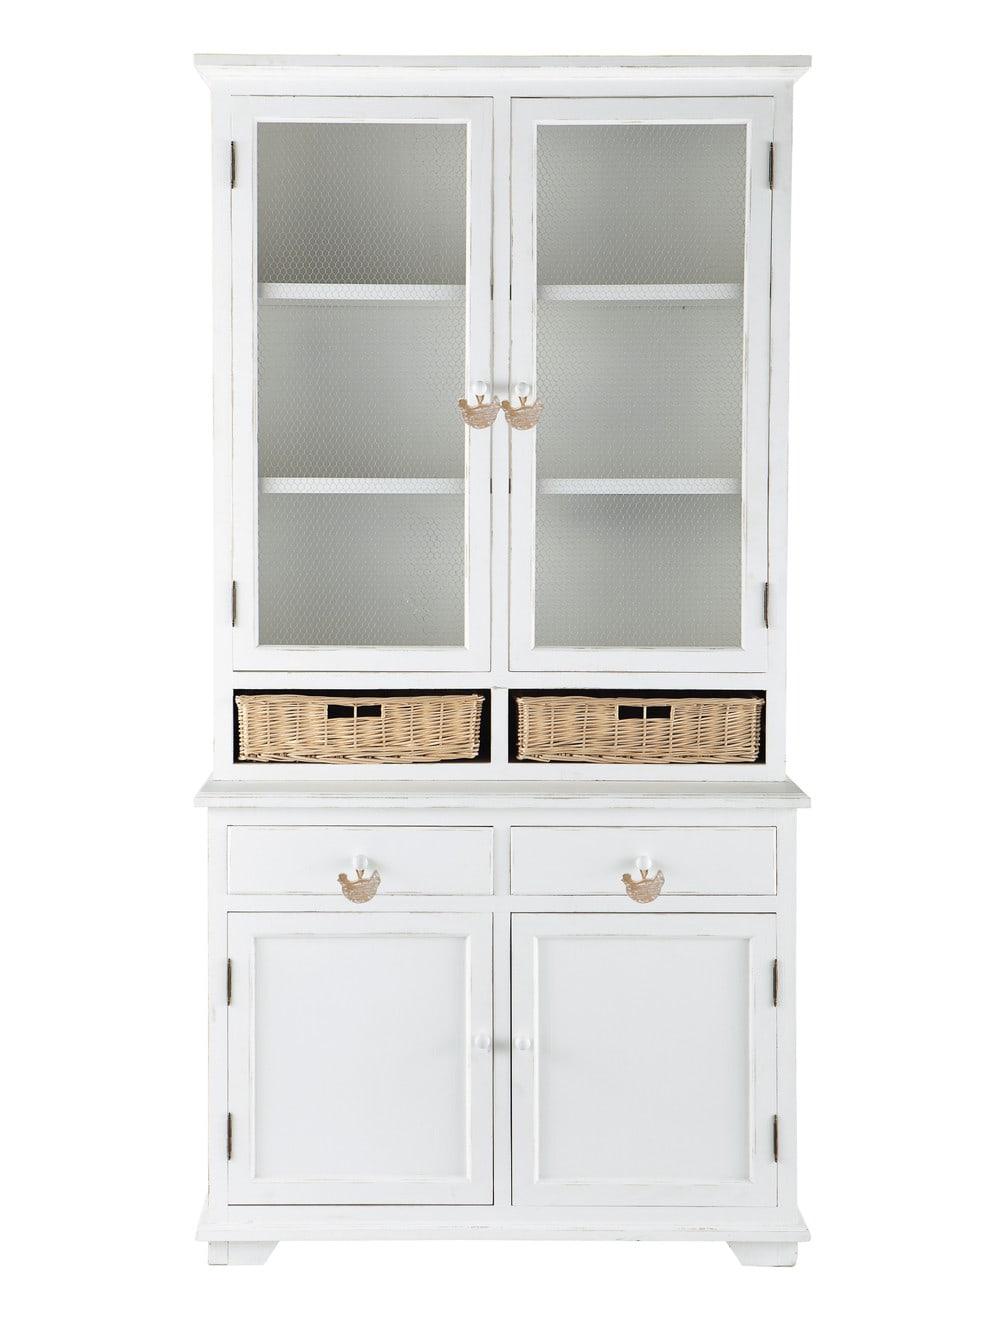 vaisselier 2 paniers en rotin blanc basse cour maisons. Black Bedroom Furniture Sets. Home Design Ideas